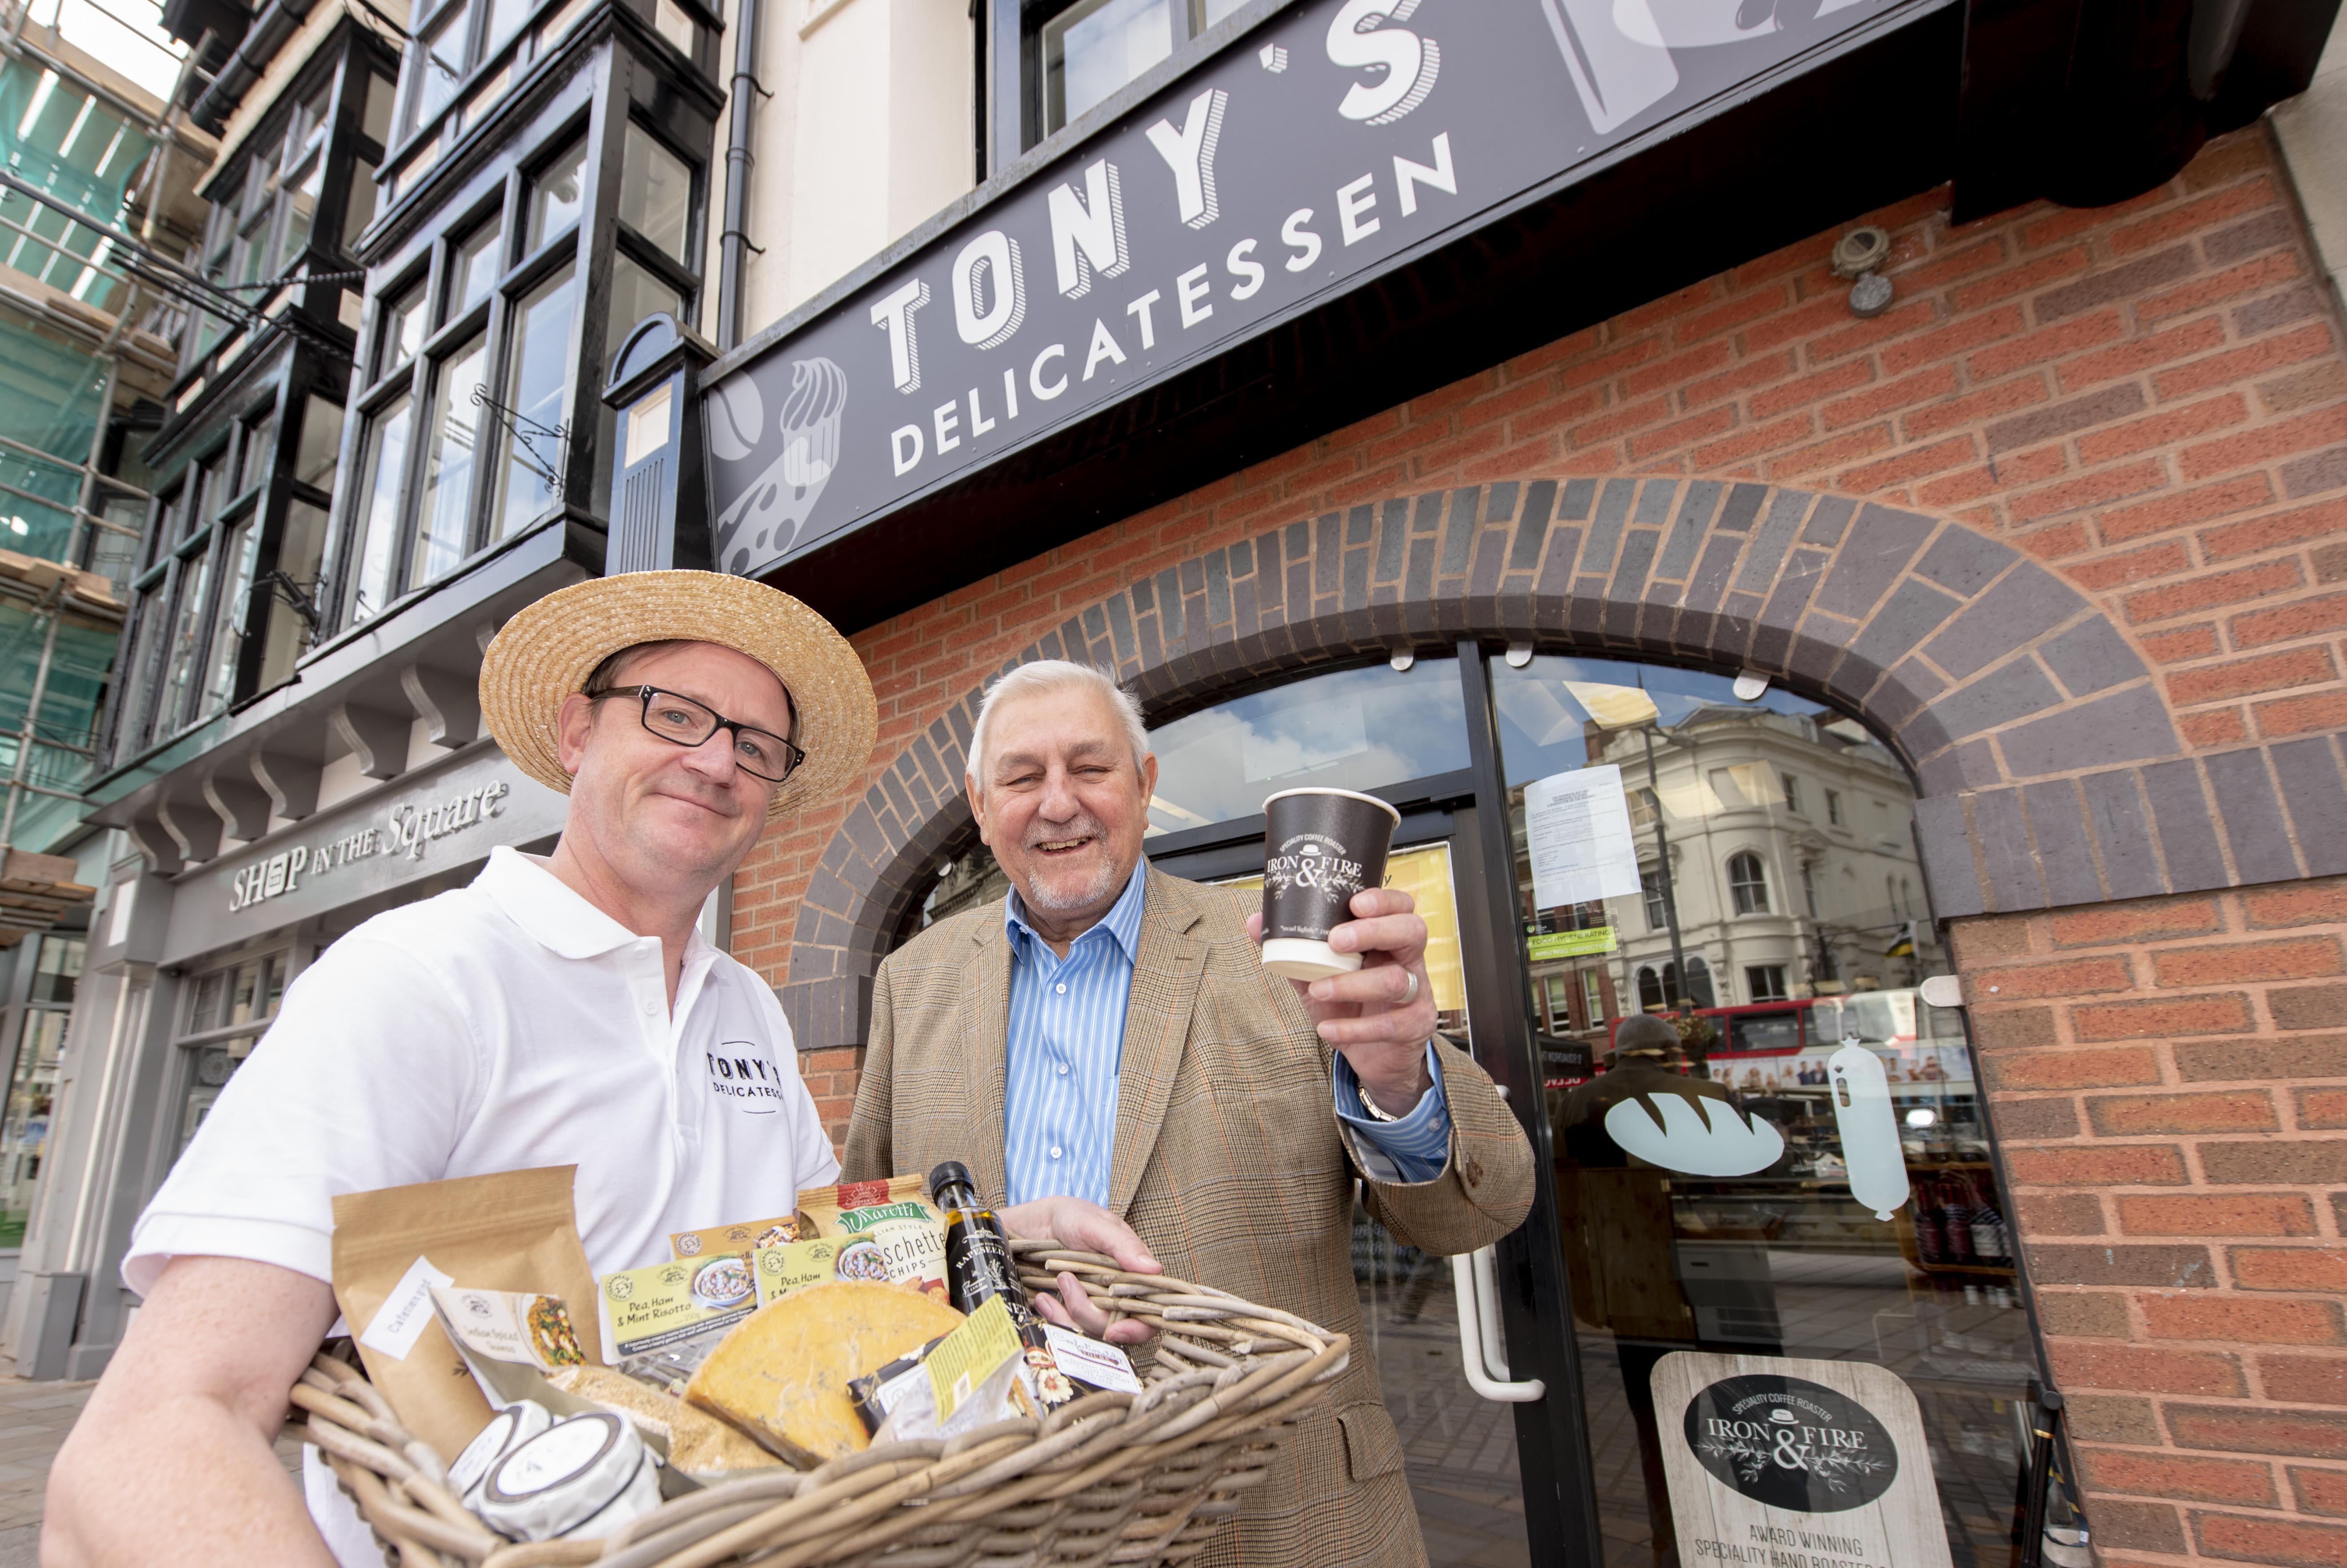 Tasty new business to open doors in Queen Square